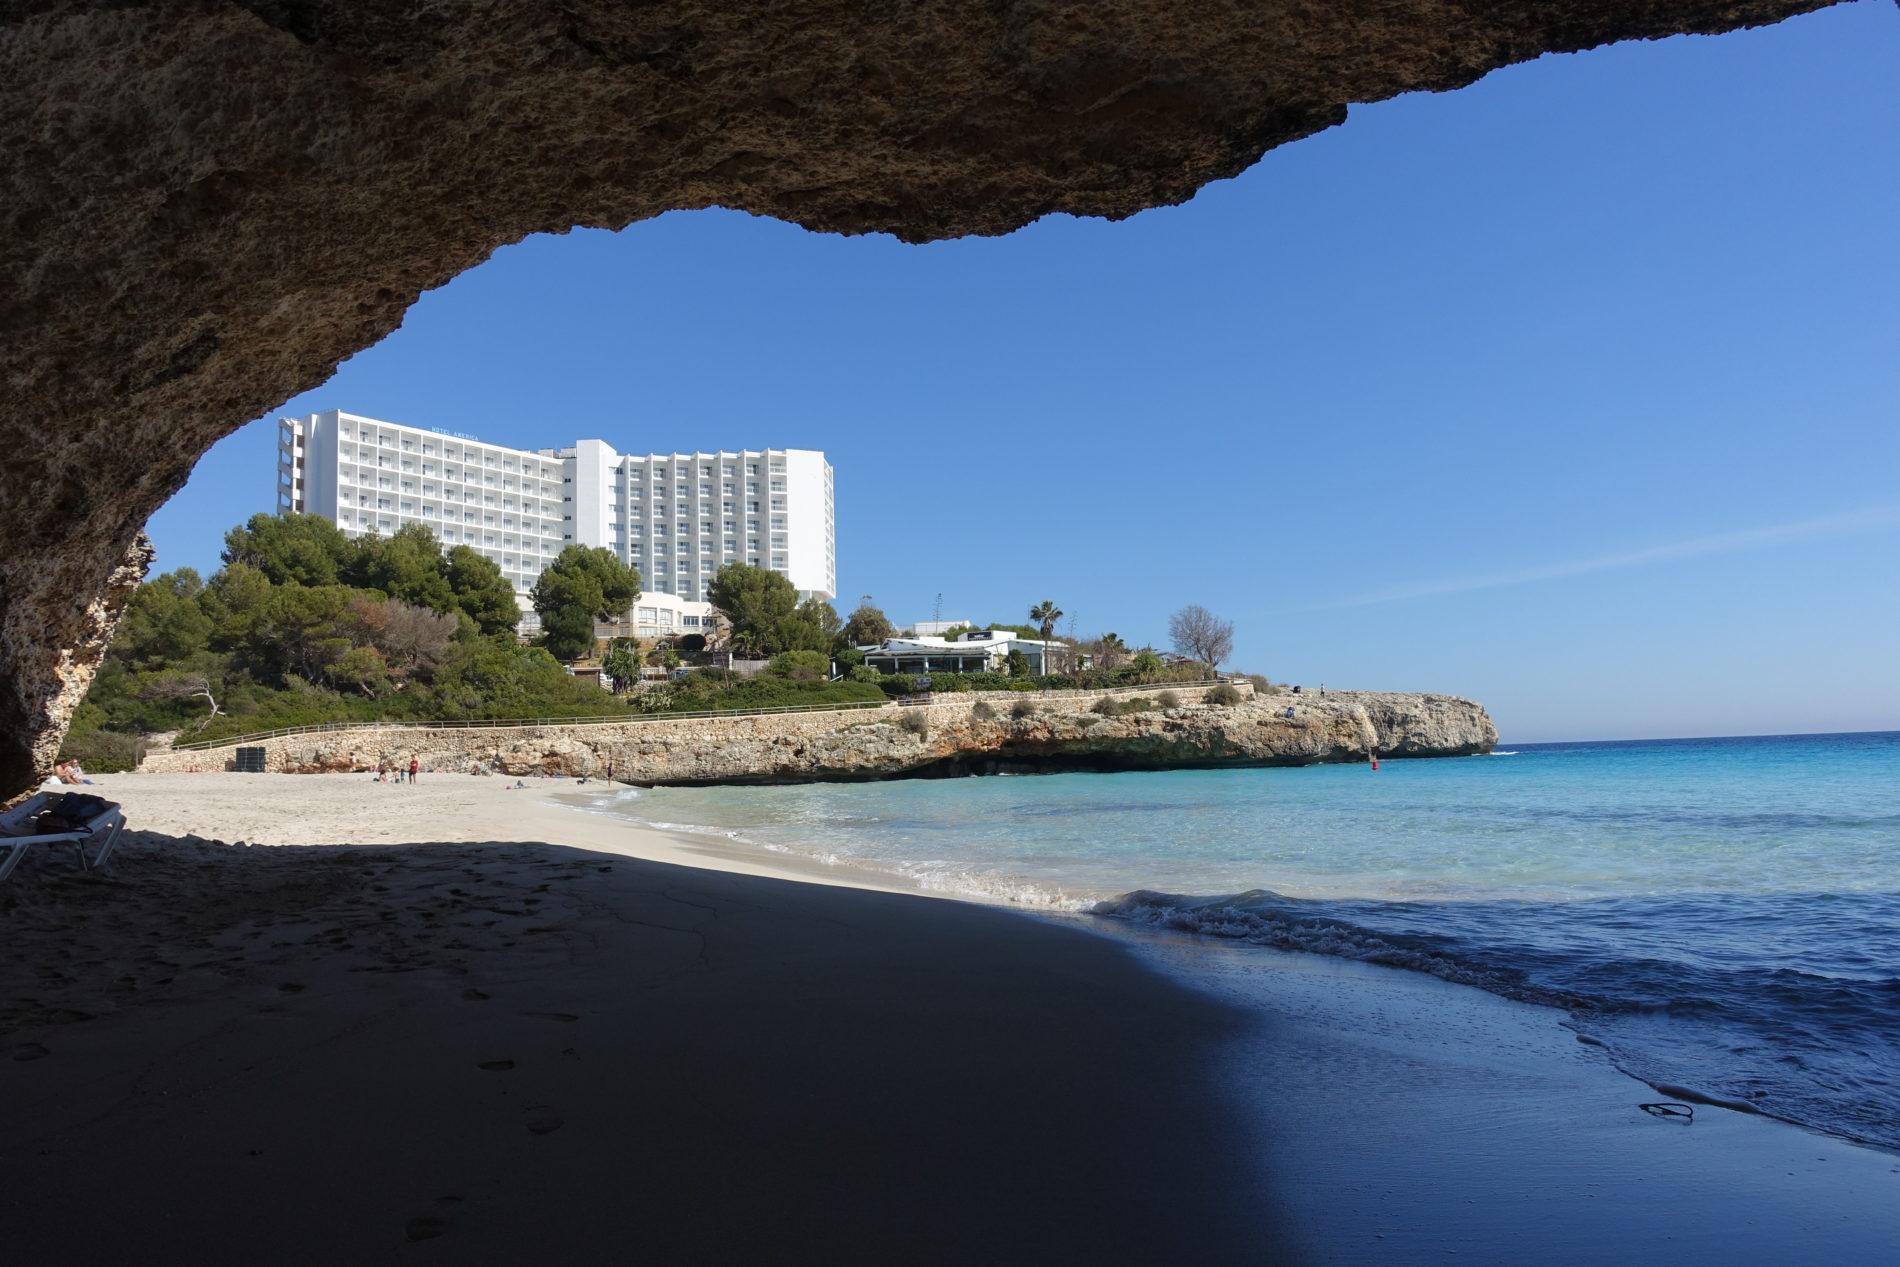 najpiekniejsze plaze na majorce